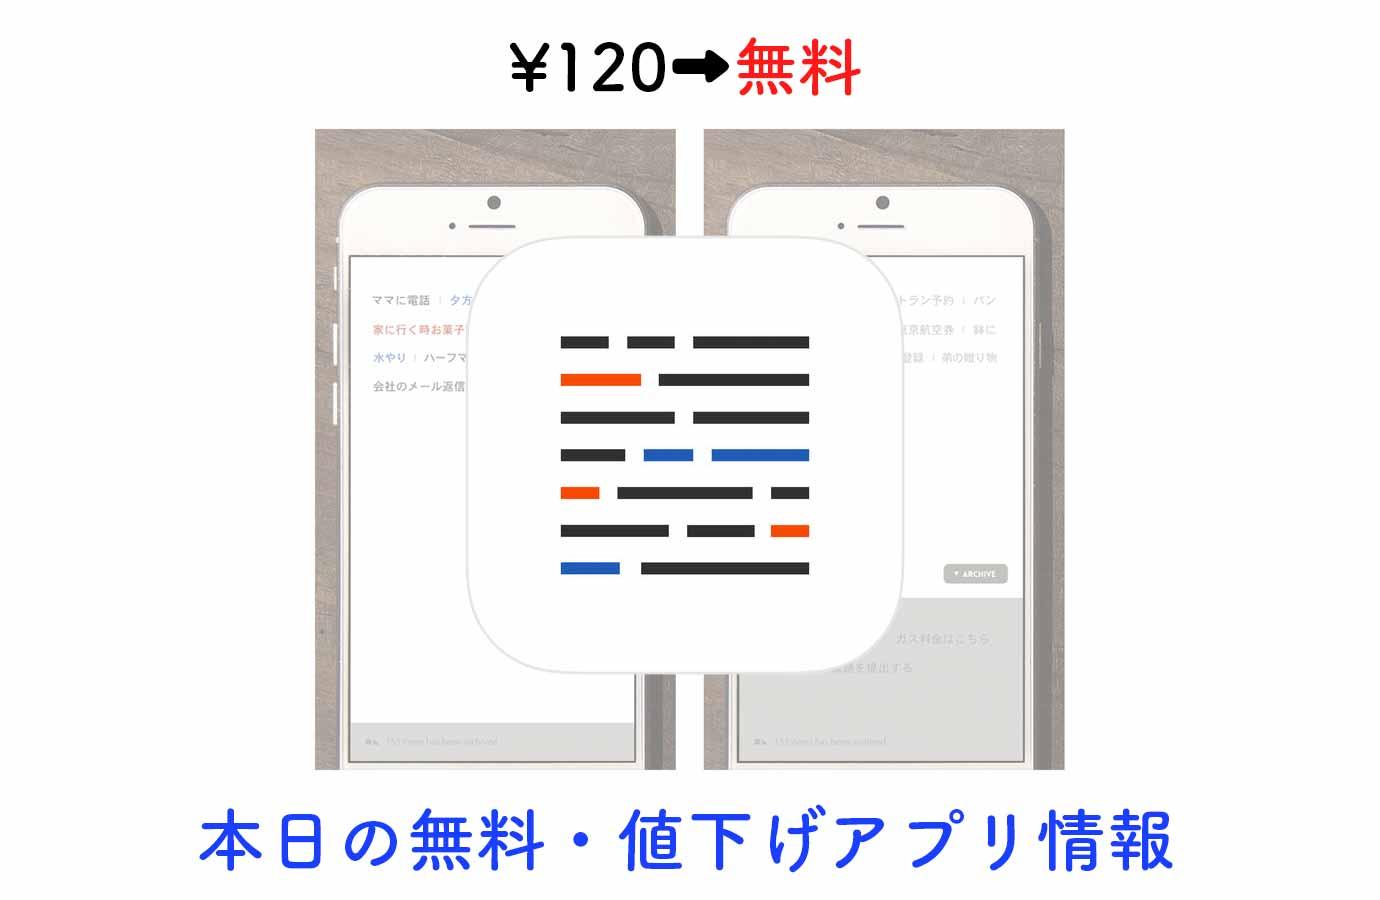 ¥120→無料、シンプルながらタスク管理にも使えるメモアプリ「Blink」など【8/8】本日の無料・値下げアプリ情報